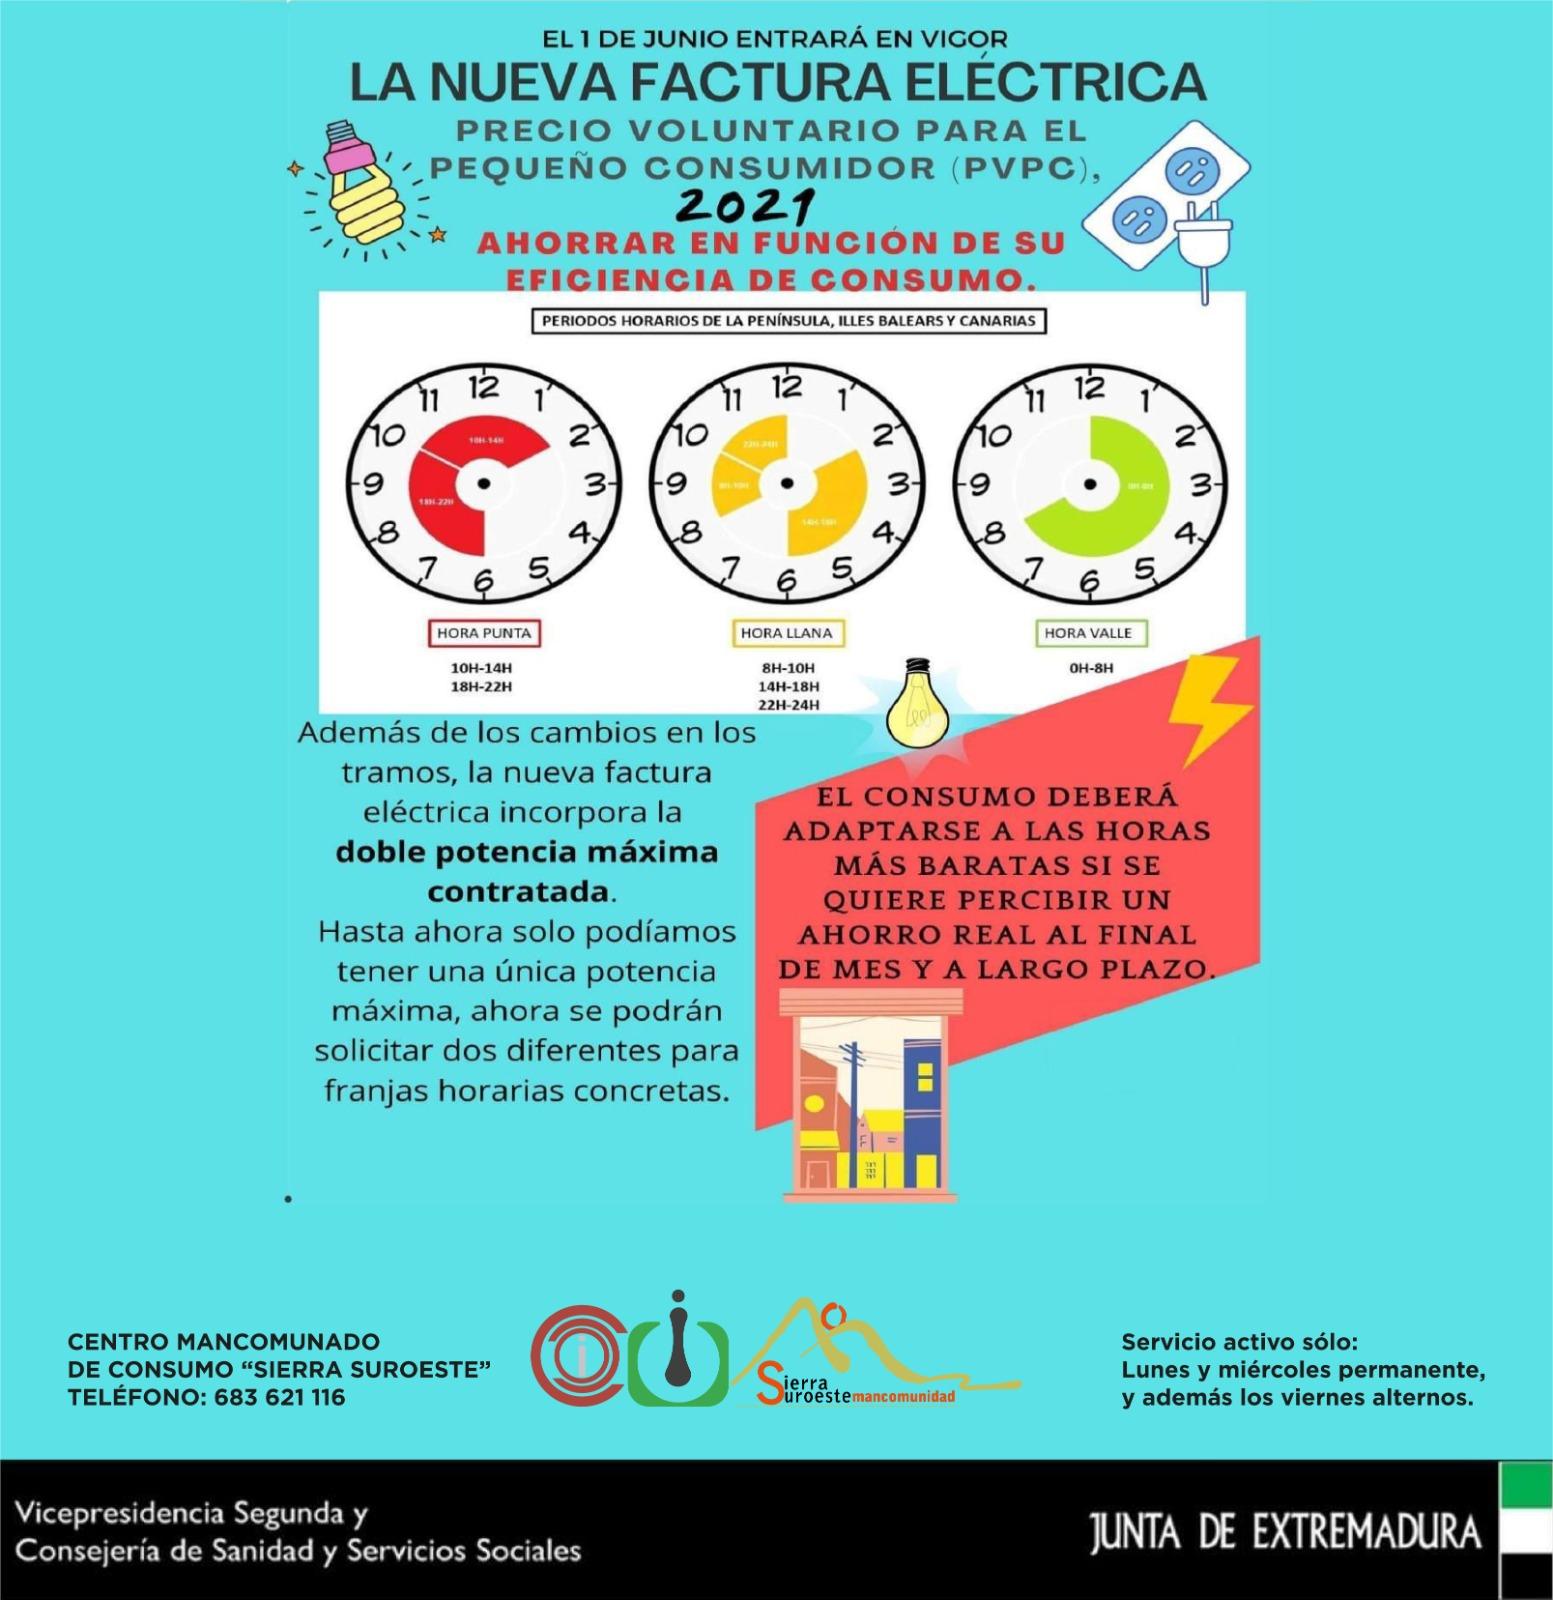 Información del Centro Mancomunado de Consumo sobre la nueva factura eléctrica que entra en vigor el 1 de junio